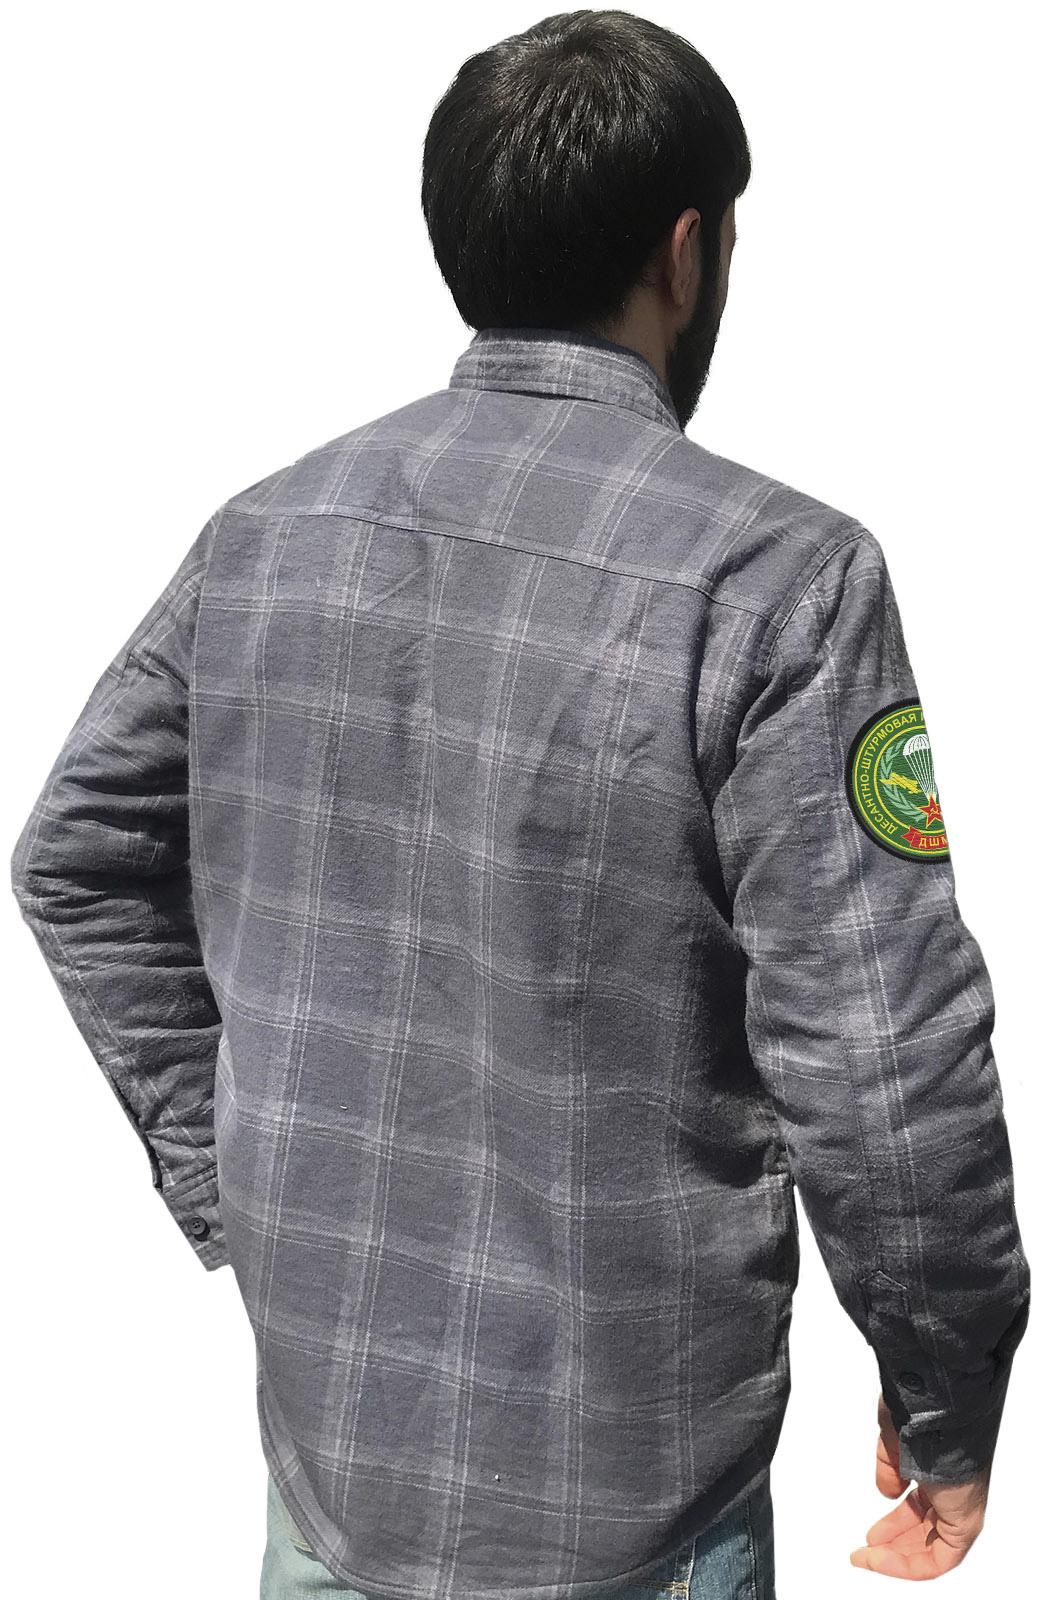 Купить строгую мужскую рубашку с вышитым шевроном ДШМГ в подарок мужчине